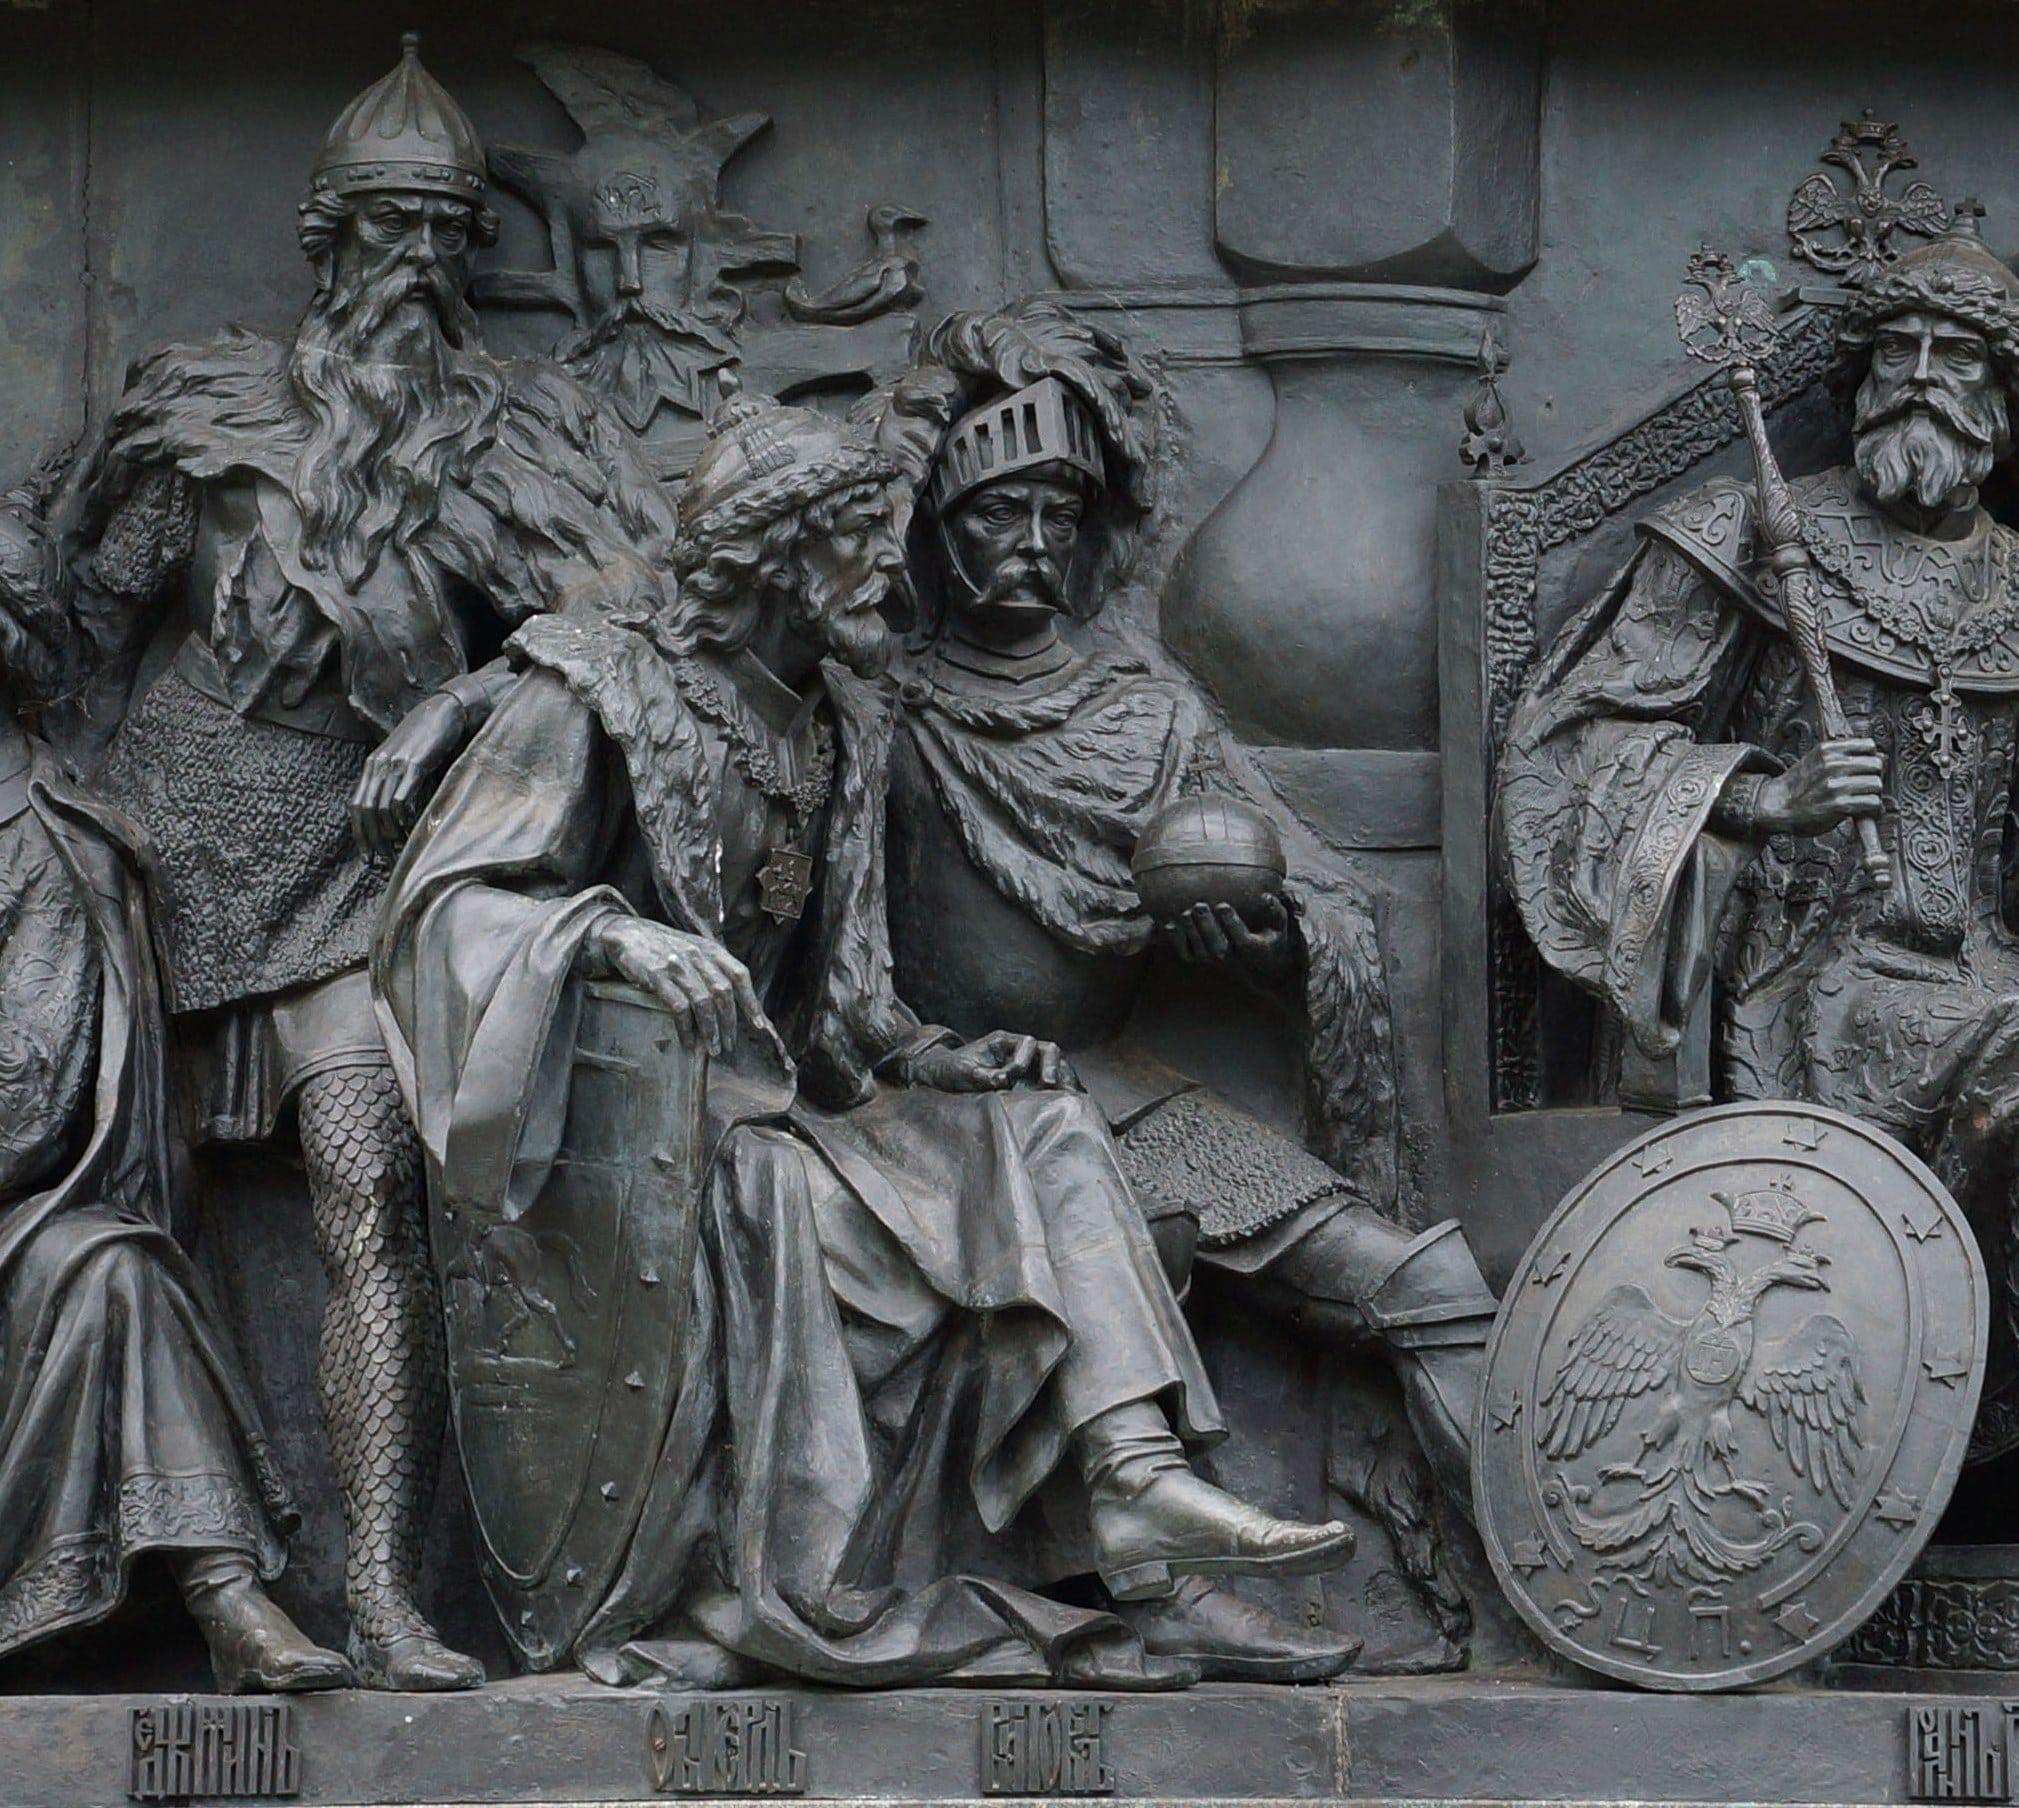 Ольгерд в рыцарском шлеме на памятнике в Новгороде